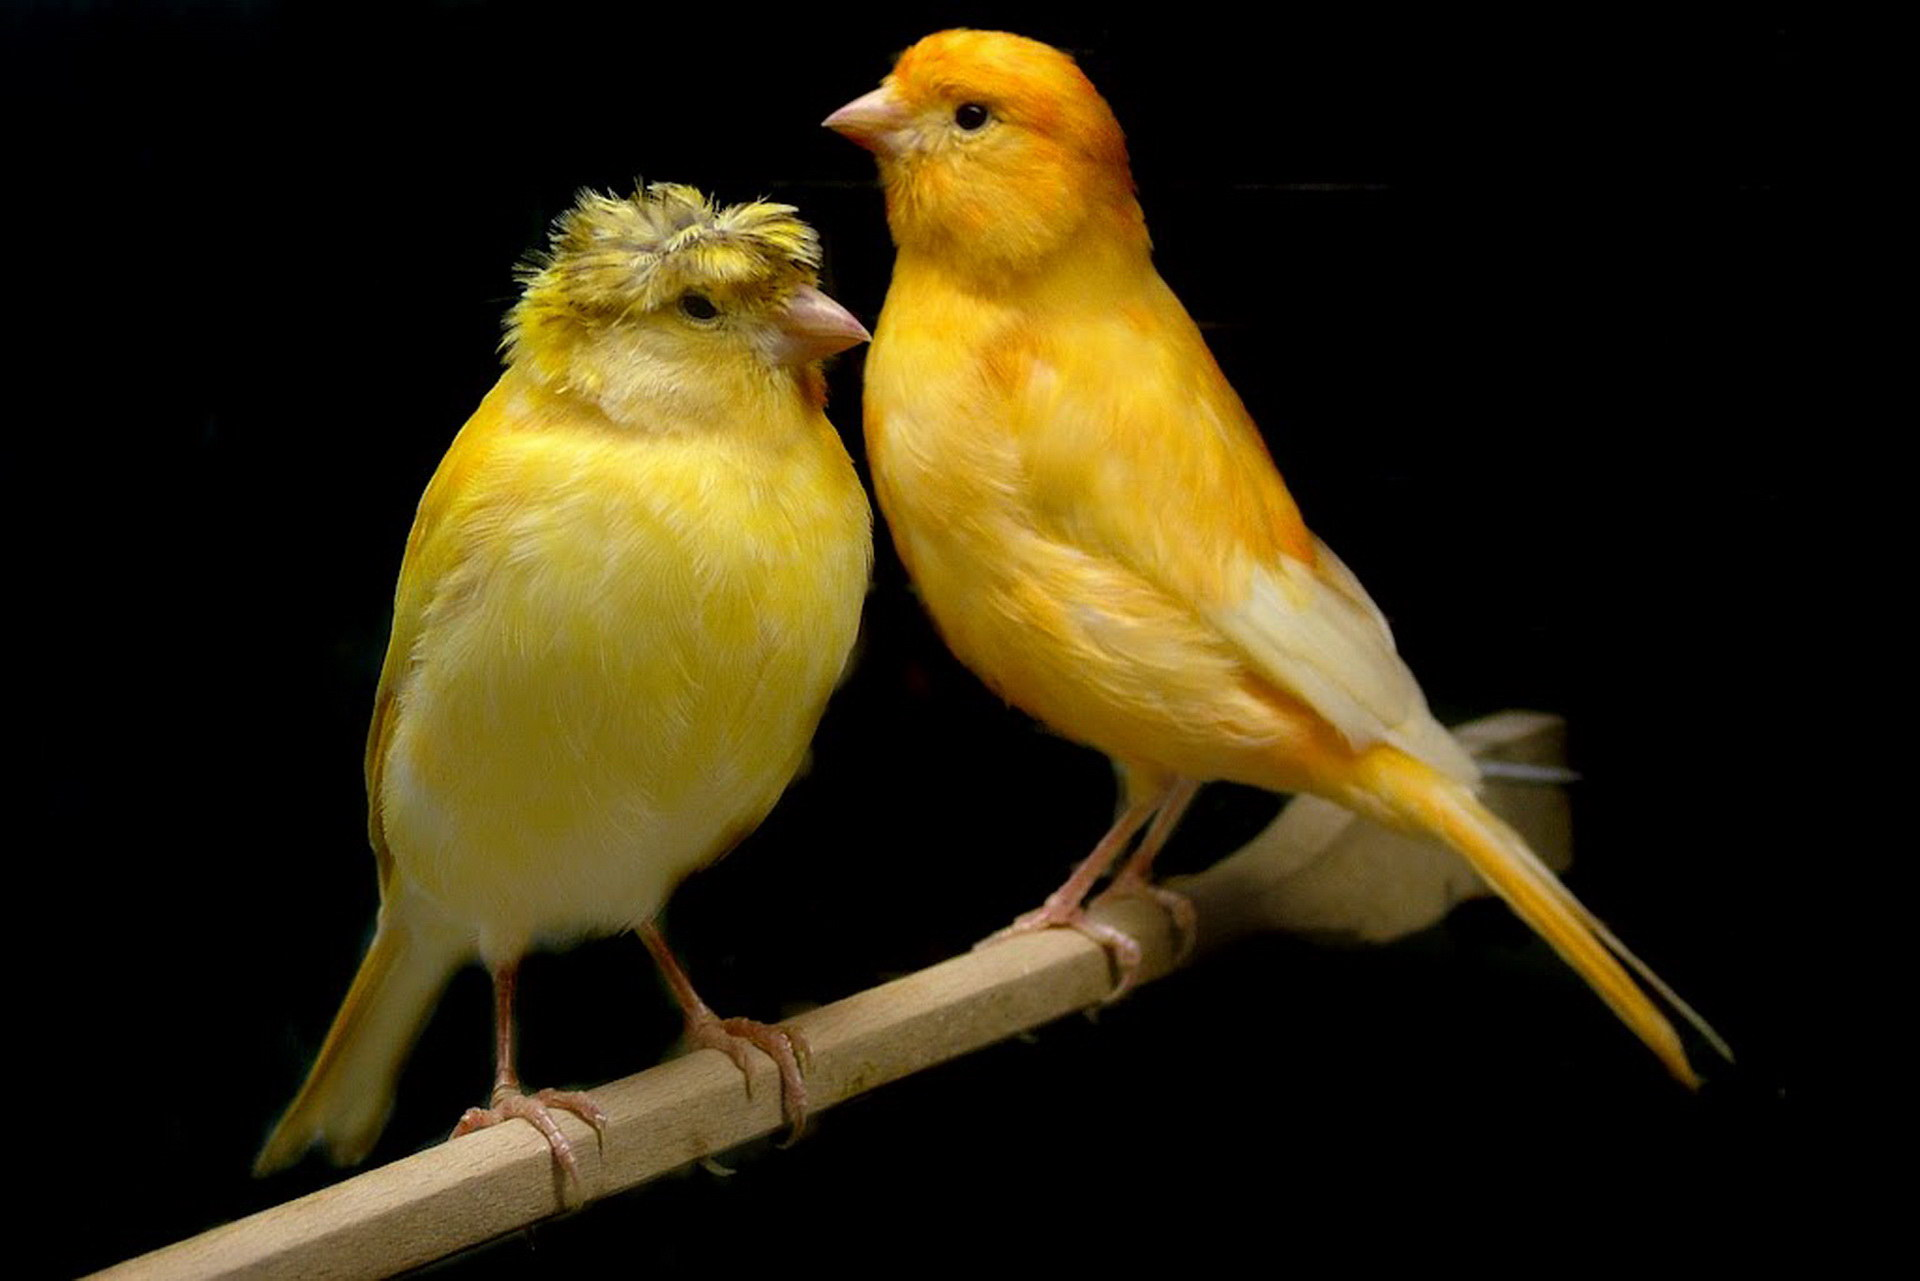 صوره انواع الكناري , طائر الكناري بانواعه المختلفه